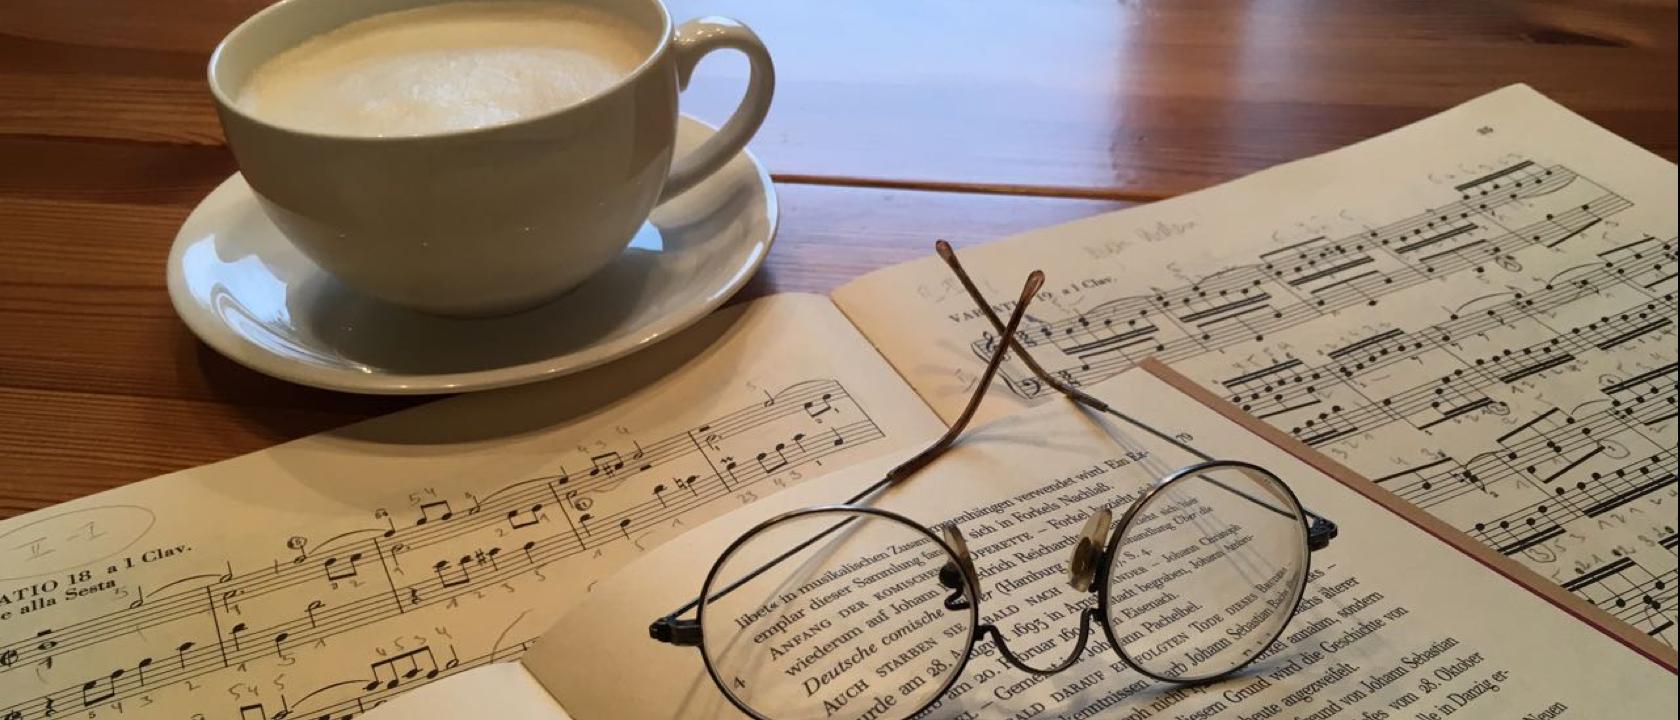 Klavierunterricht München Klavierlehrer Privatlehrer Privatunterricht Preise Kinder Erwachsene Anfänger Fortgeschrittene Steinway Klavier. Professioneller Klavierlehrer München Oliver Andreas Frank